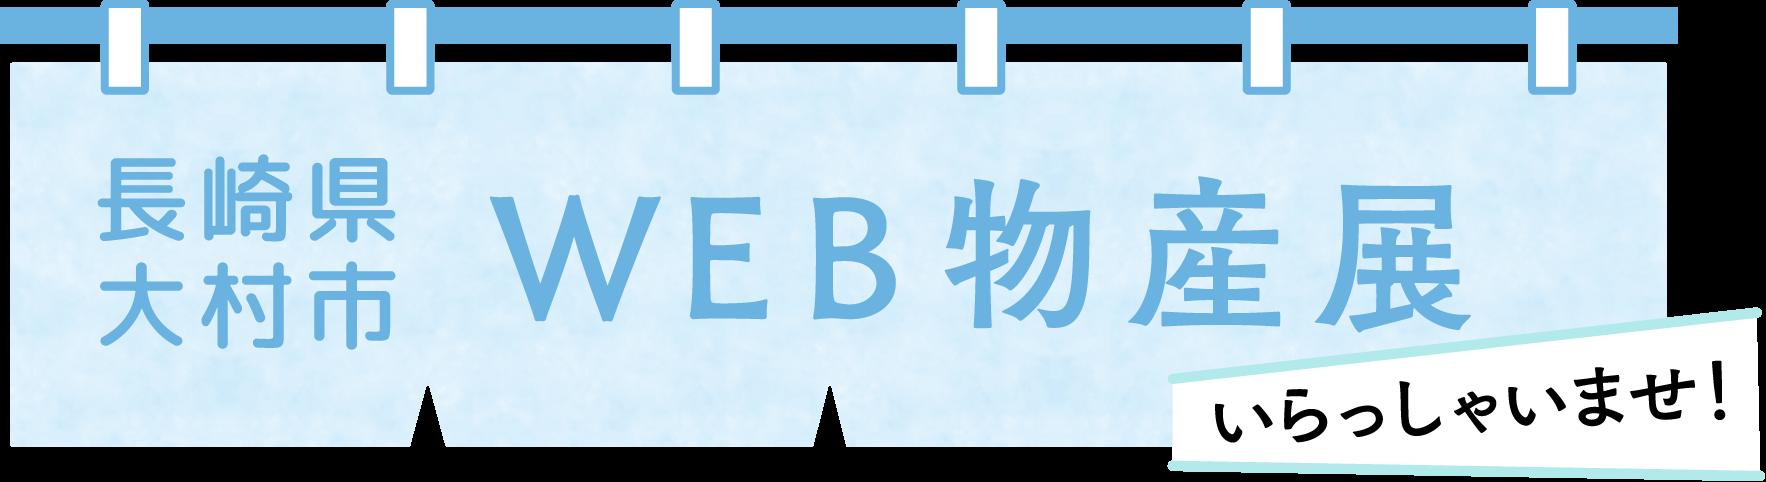 長崎県大村市WEB物産展